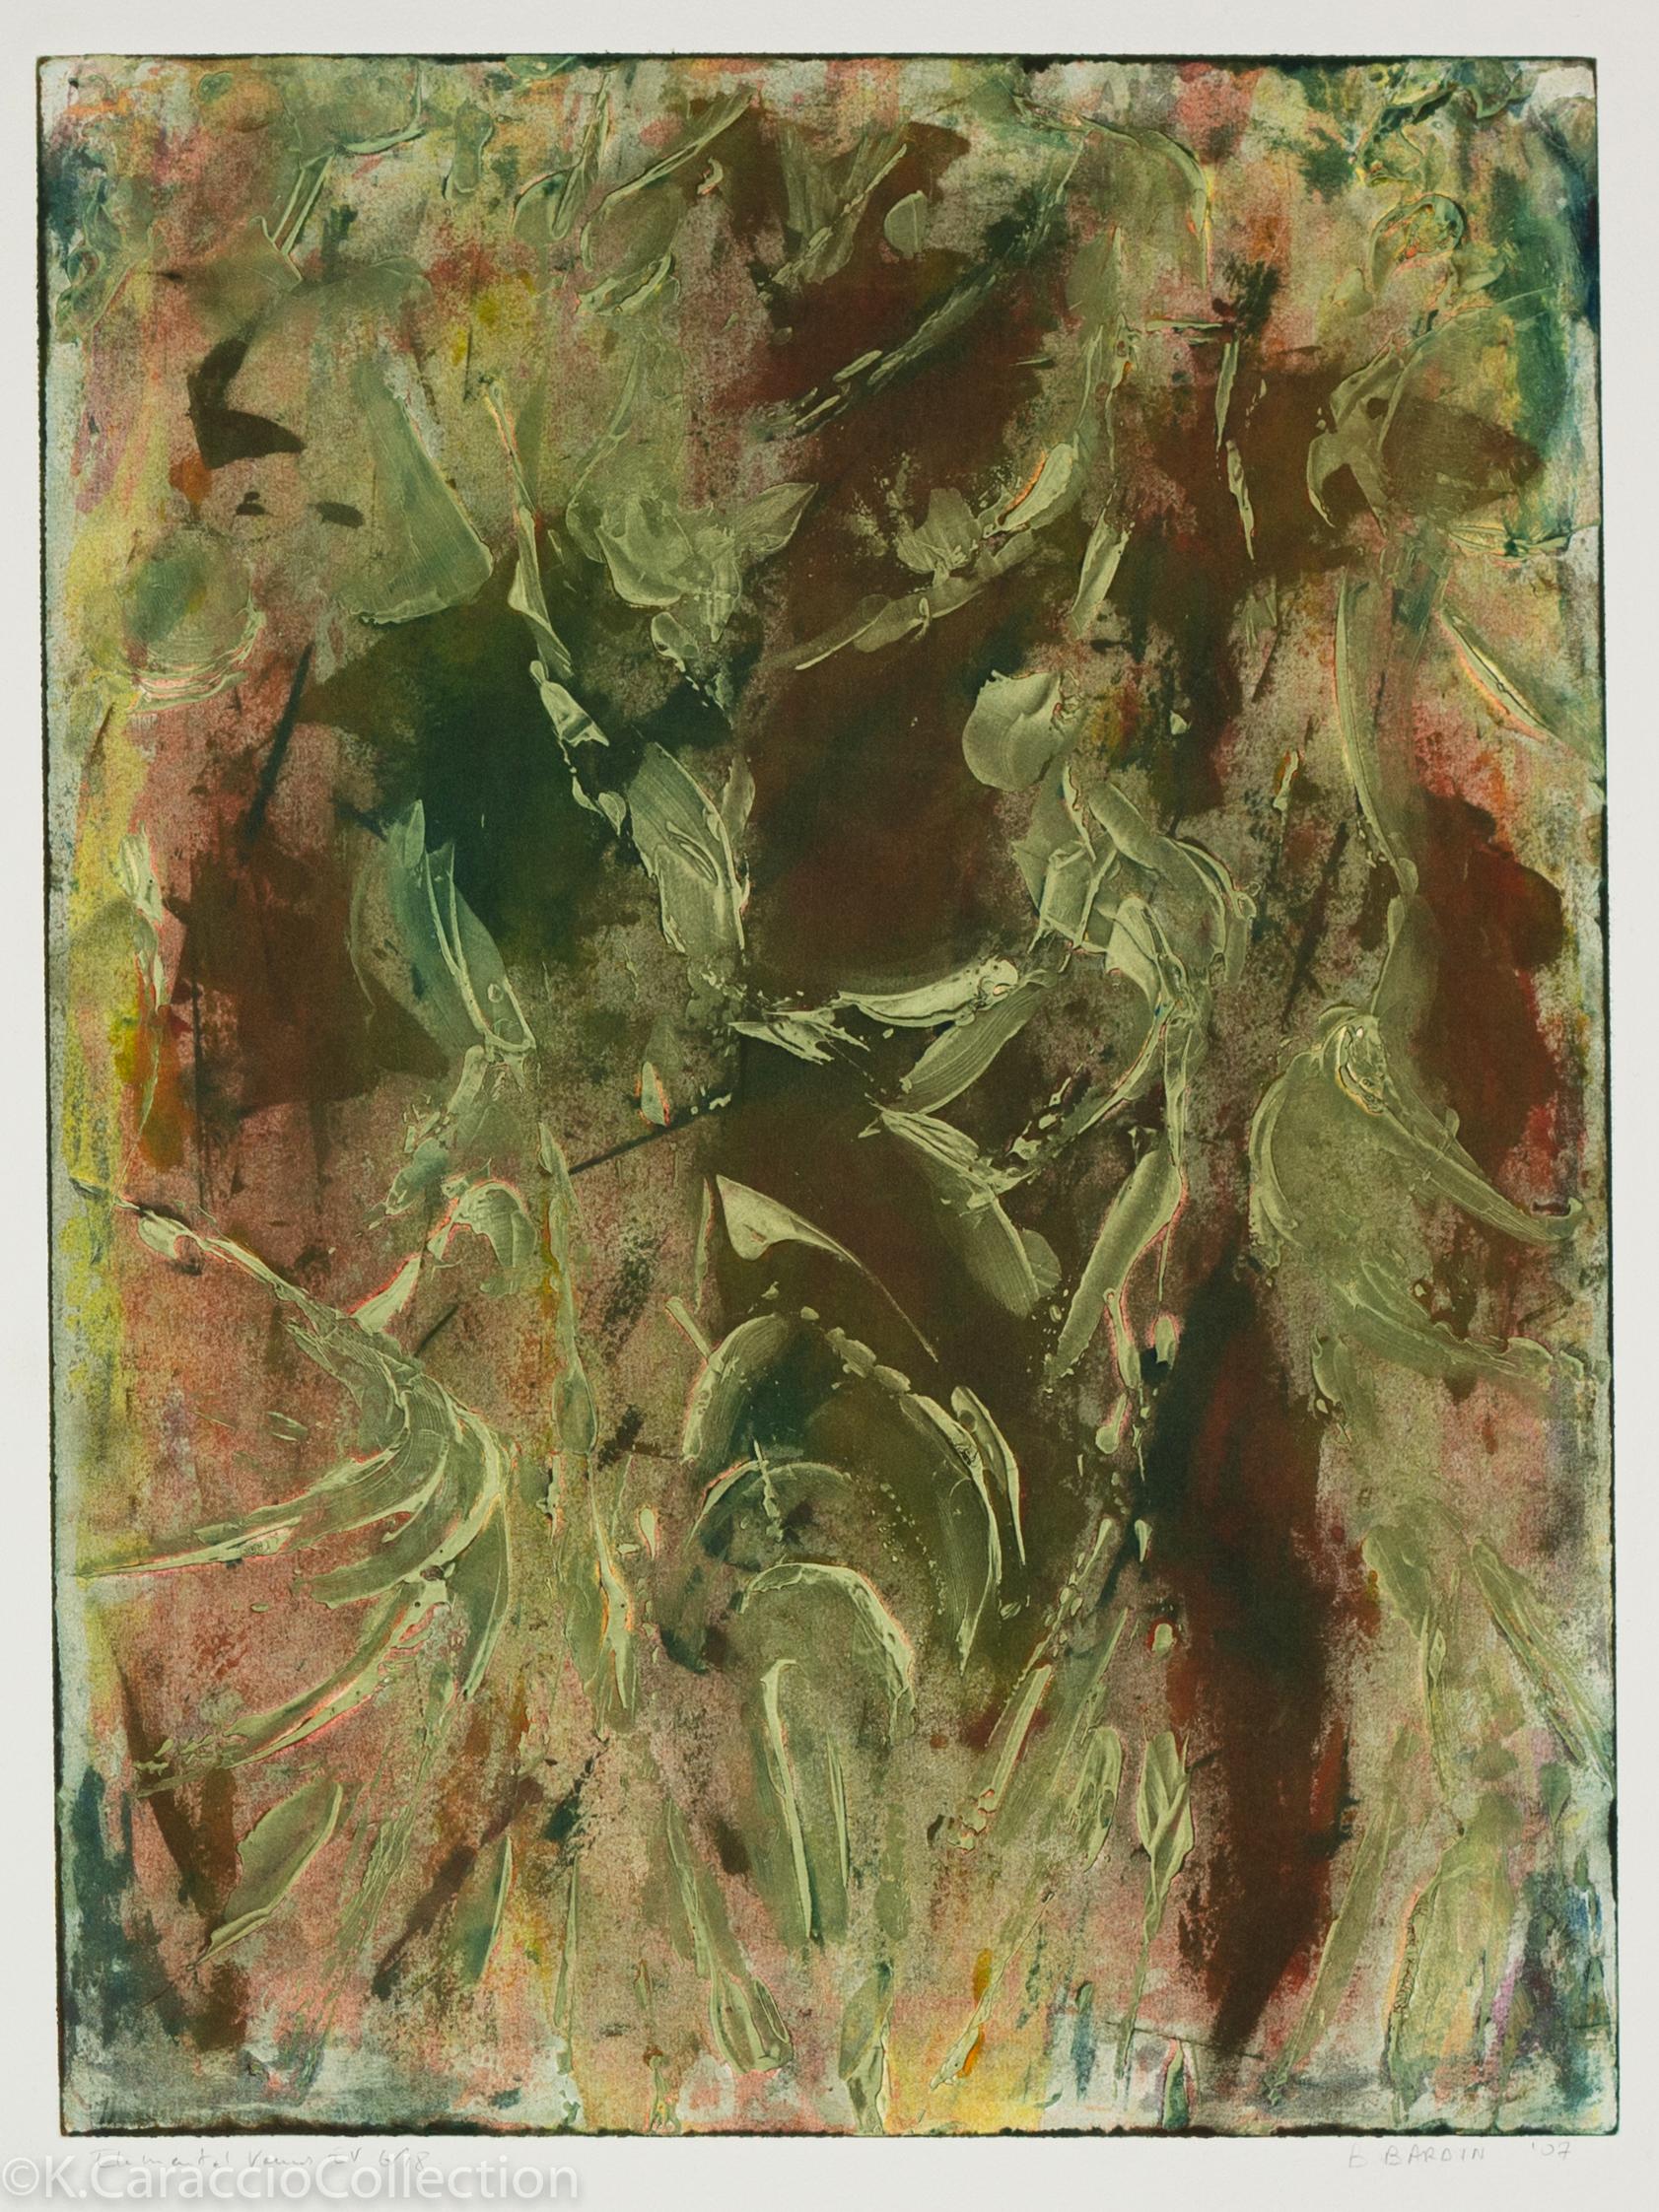 Elemental Venus, 2007